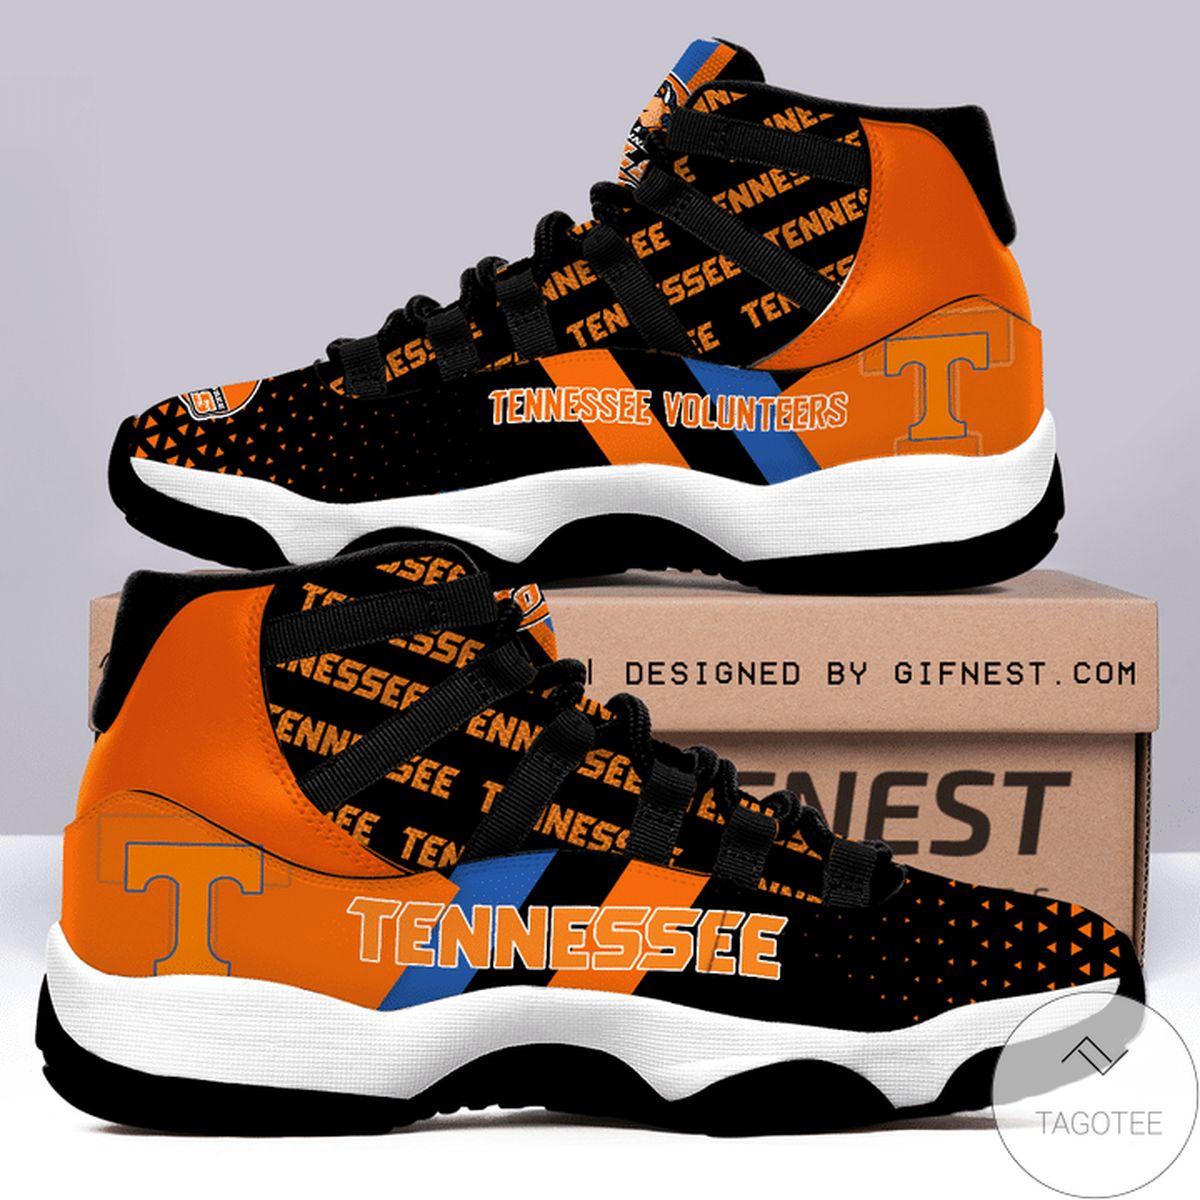 Review Tennessee Volunteers Air Jordan 11 Shoes